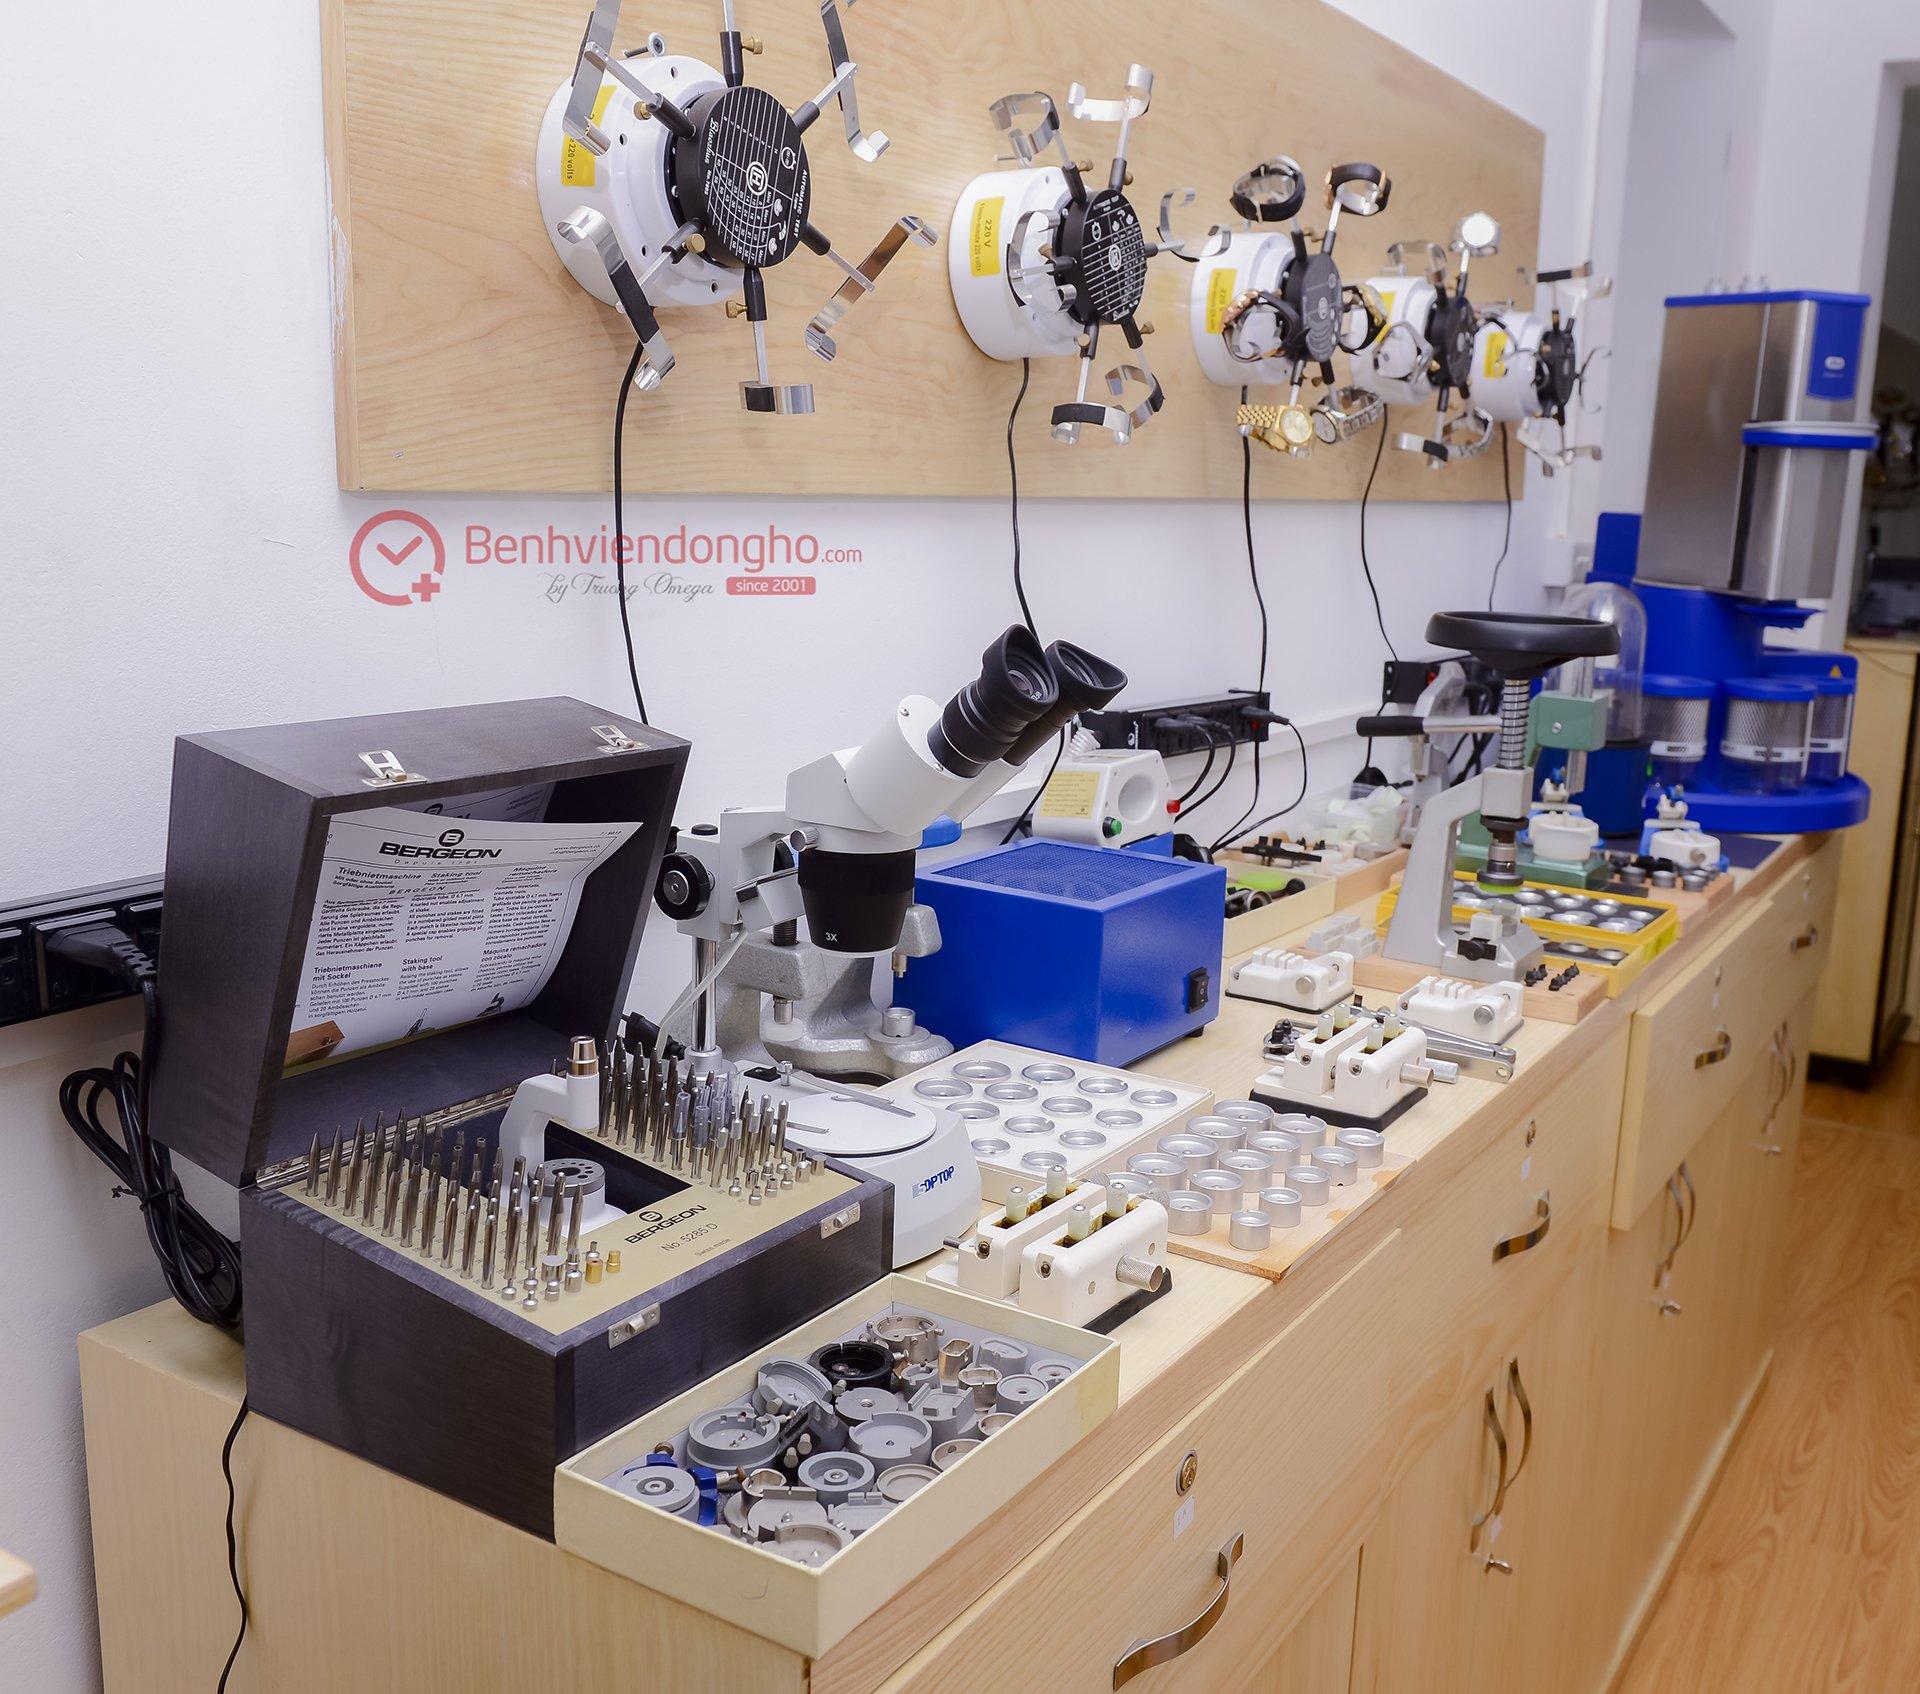 TVT8994 - Phòng kỹ thuật Bệnh Viện Đồng Hồ